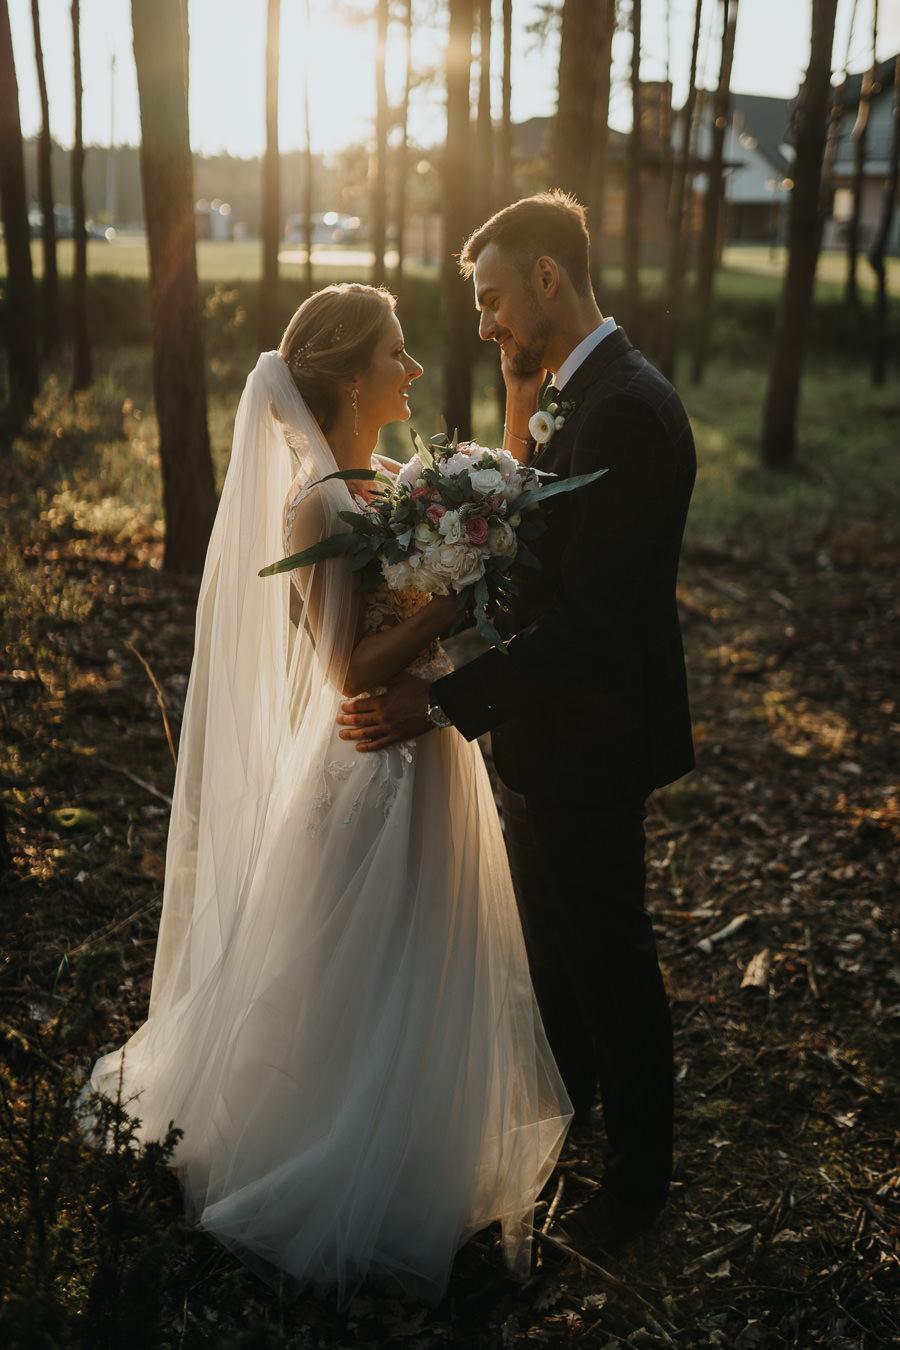 wesele-zalecze-male-fotograf-slubny-wielun-wilczkiewicz-900px-00116 117